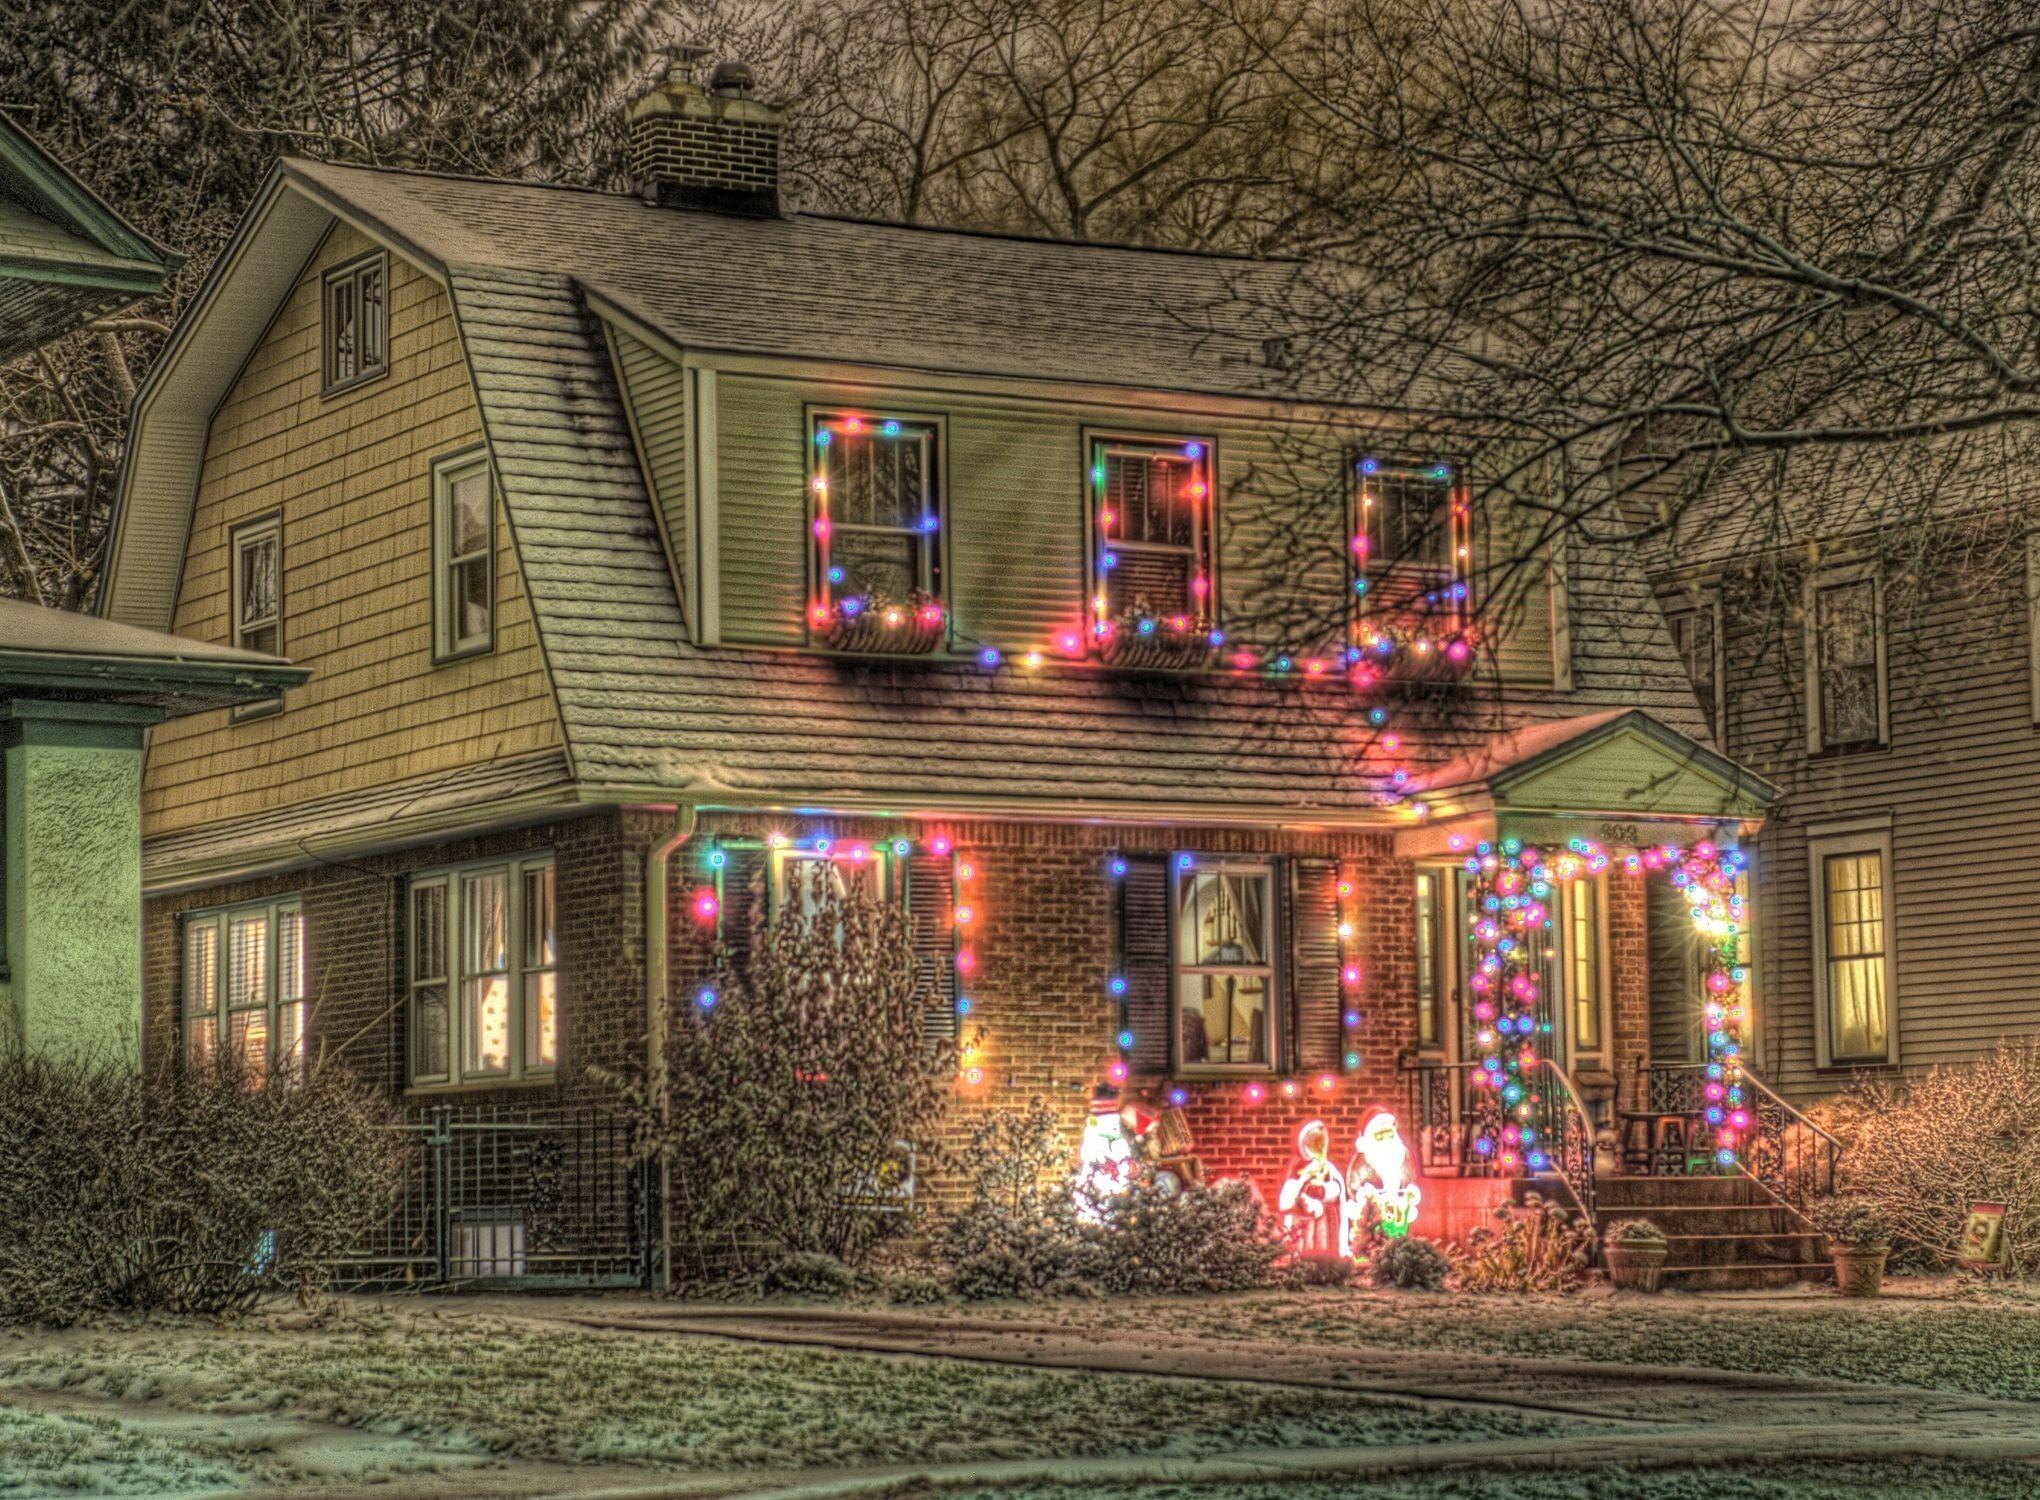 95000 Hintergrundbild herunterladen Feiertage, Weihnachtsmann, Weihnachten, Schneemann, Urlaub, Haus, Garland, Stimmung, Girlanden - Bildschirmschoner und Bilder kostenlos